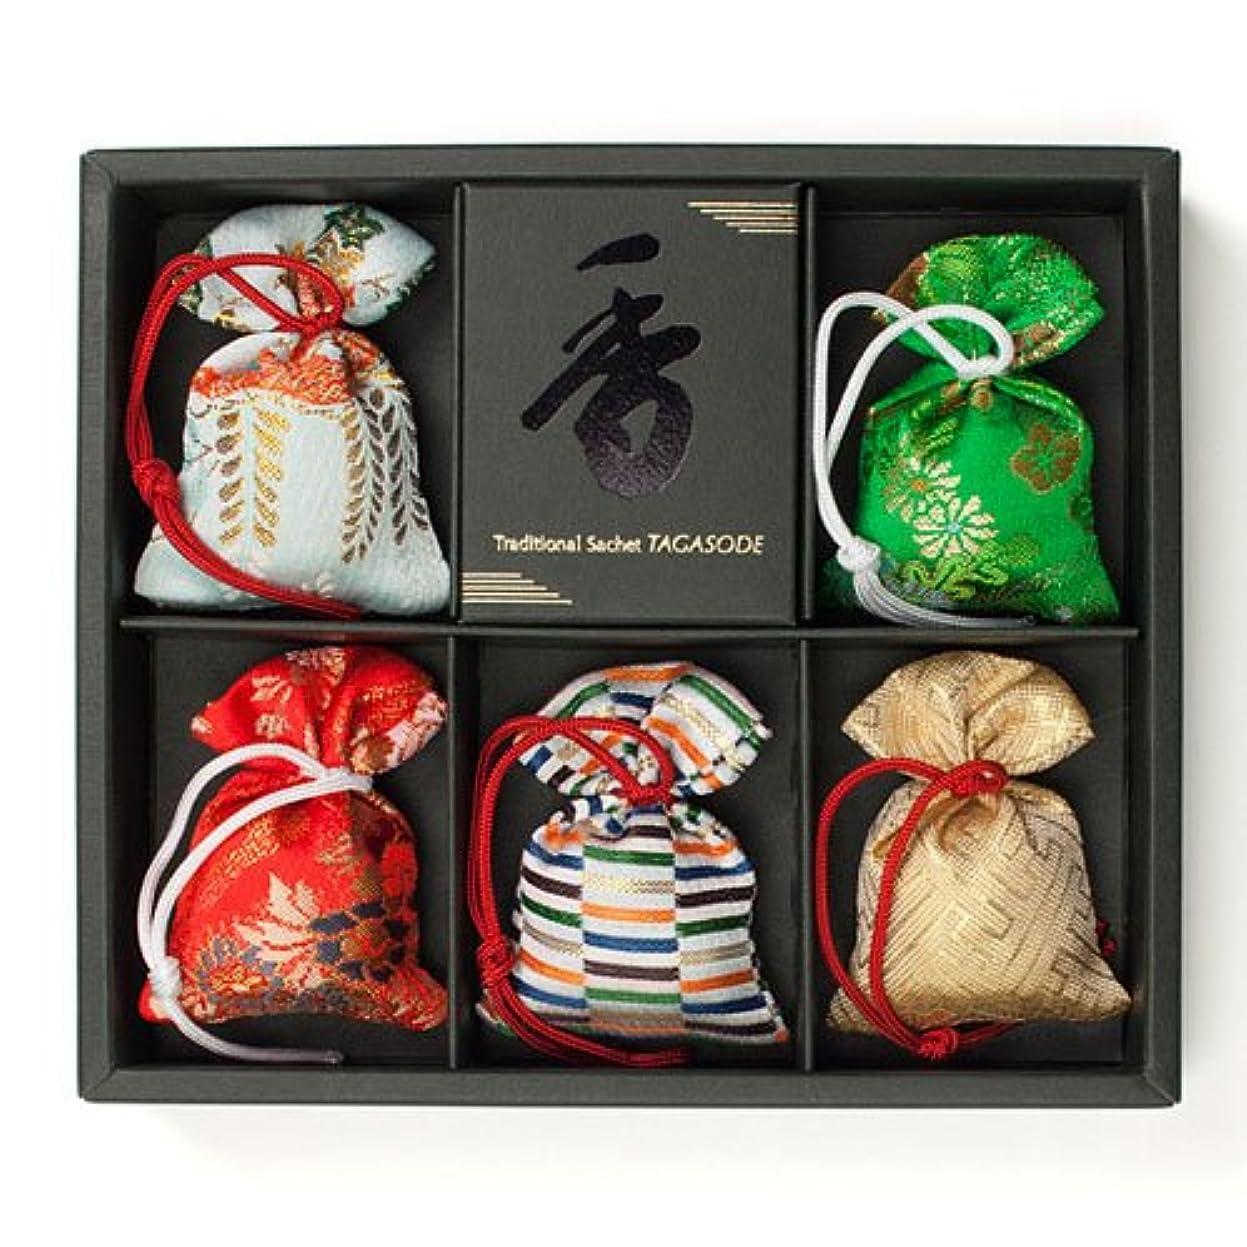 始める起訴する安全でない匂い袋 誰が袖 極品 5個入 松栄堂 Shoyeido 本体長さ60mm (色?柄は選べません)